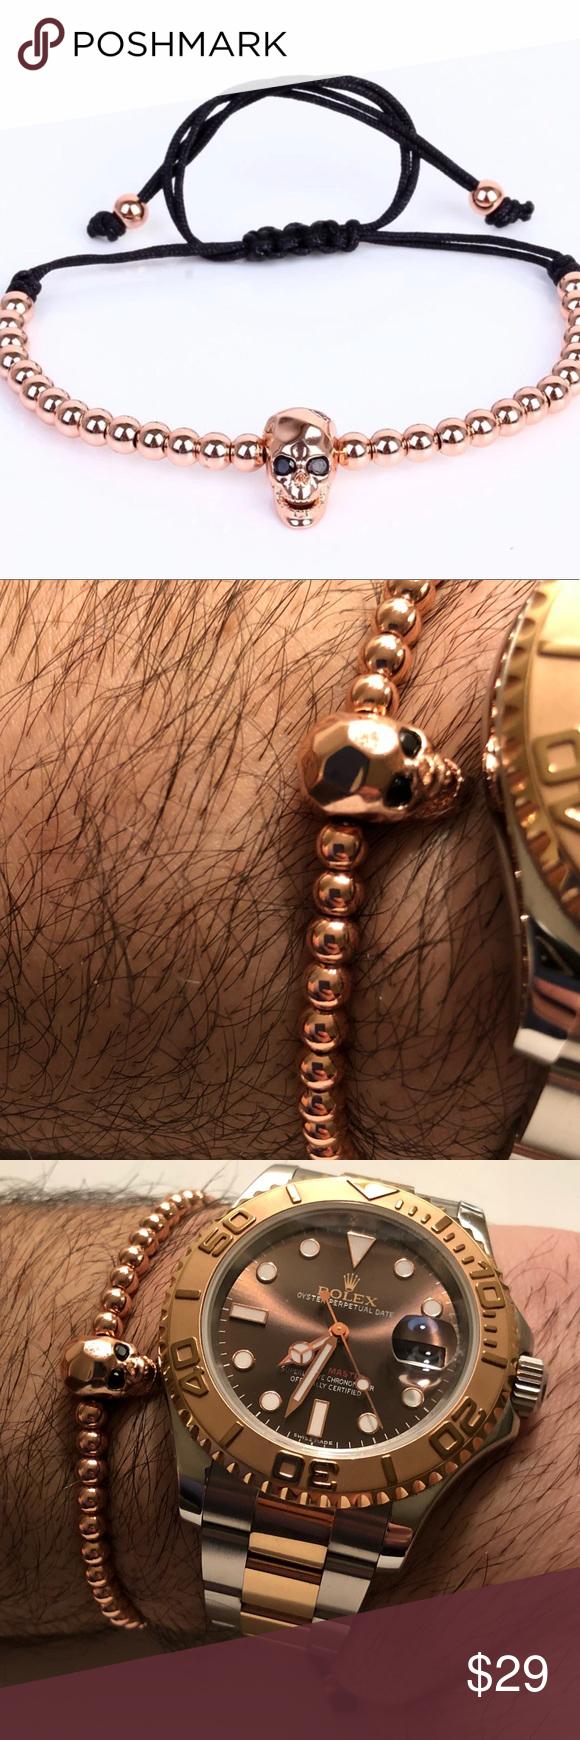 Anil arjandas men bracelets k gold skull head name anil arjandas